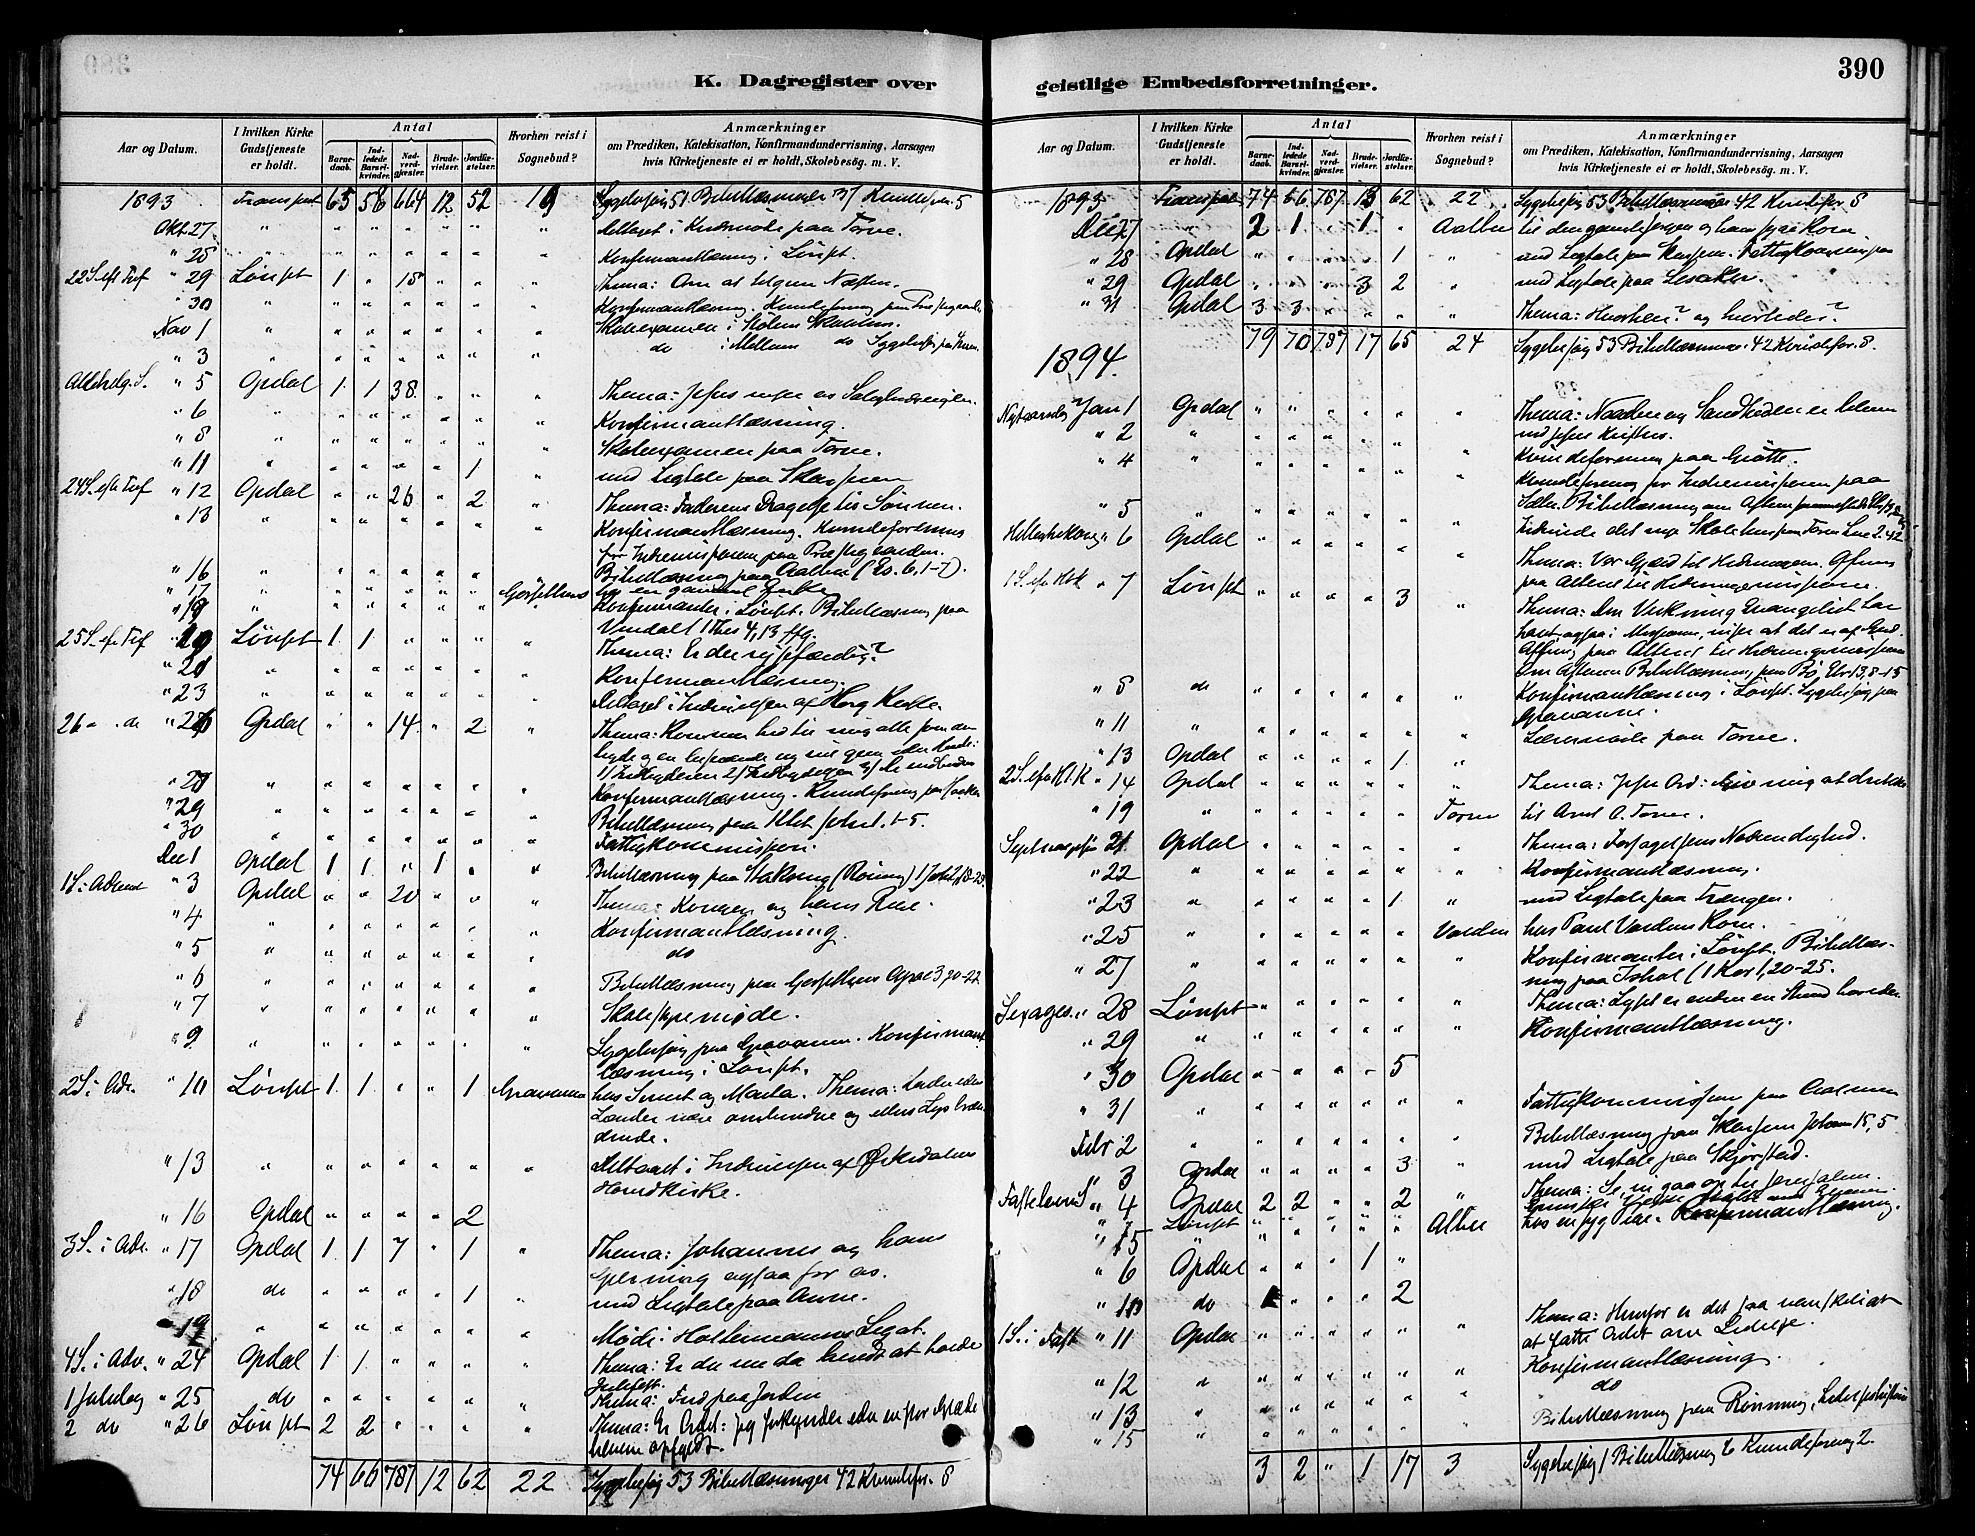 SAT, Ministerialprotokoller, klokkerbøker og fødselsregistre - Sør-Trøndelag, 678/L0901: Ministerialbok nr. 678A10, 1881-1894, s. 390